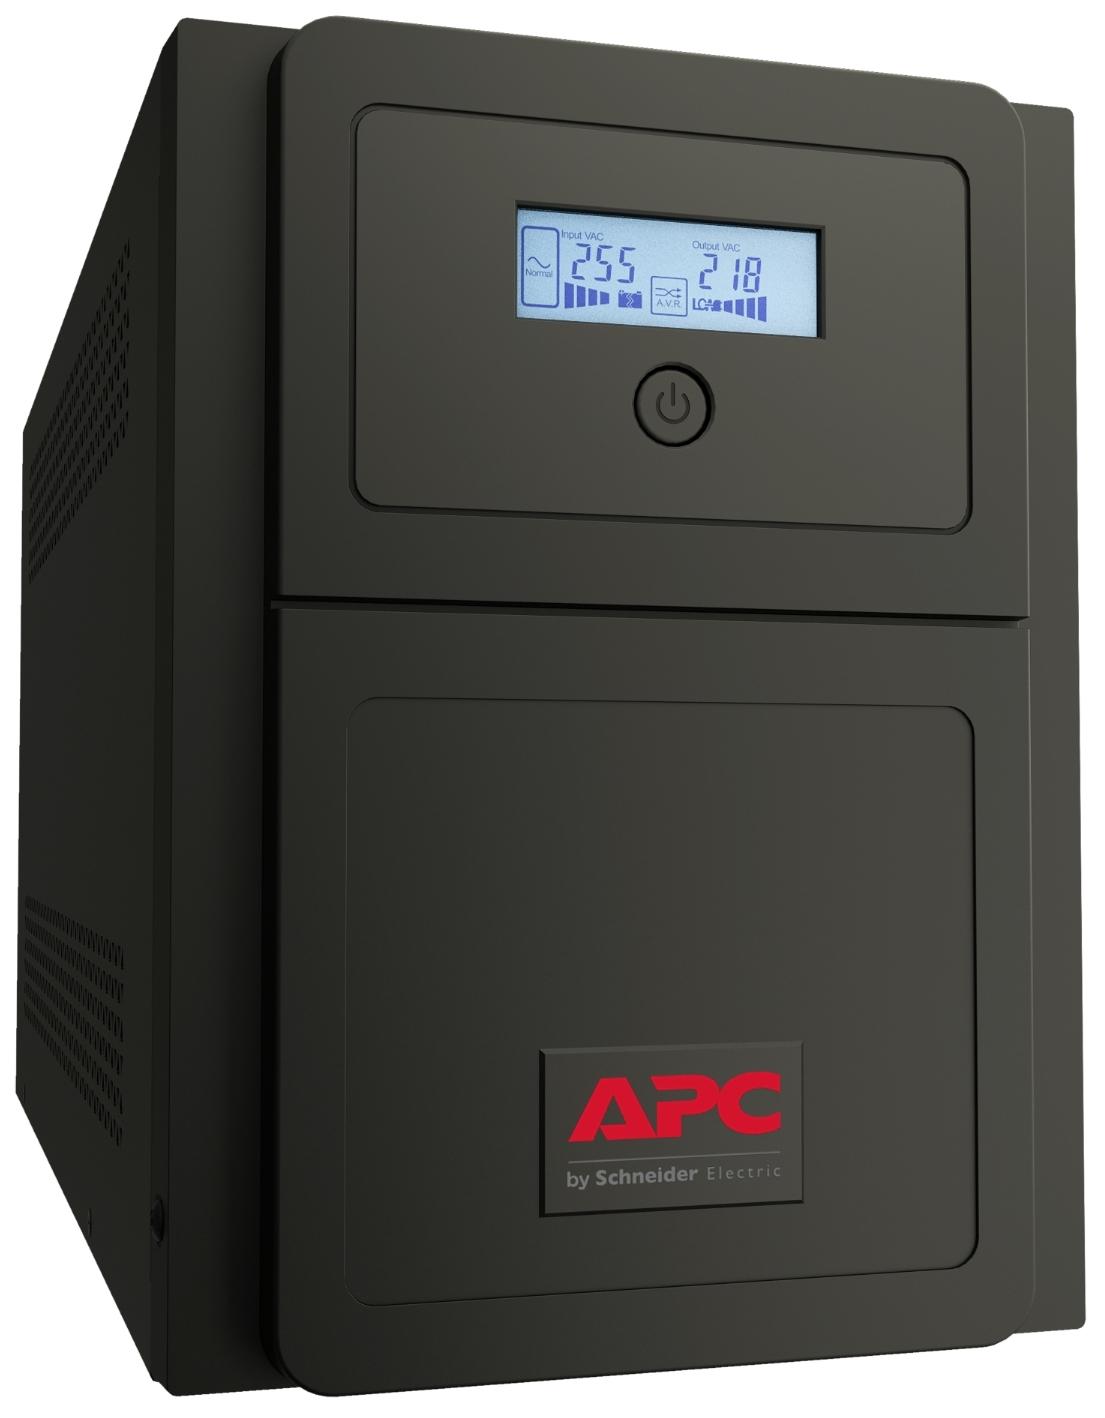 APC Easy UPS SMV sistema de alimentación ininterrumpida (UPS) Línea interactiva 1500 VA 1050 W 6 salidas AC